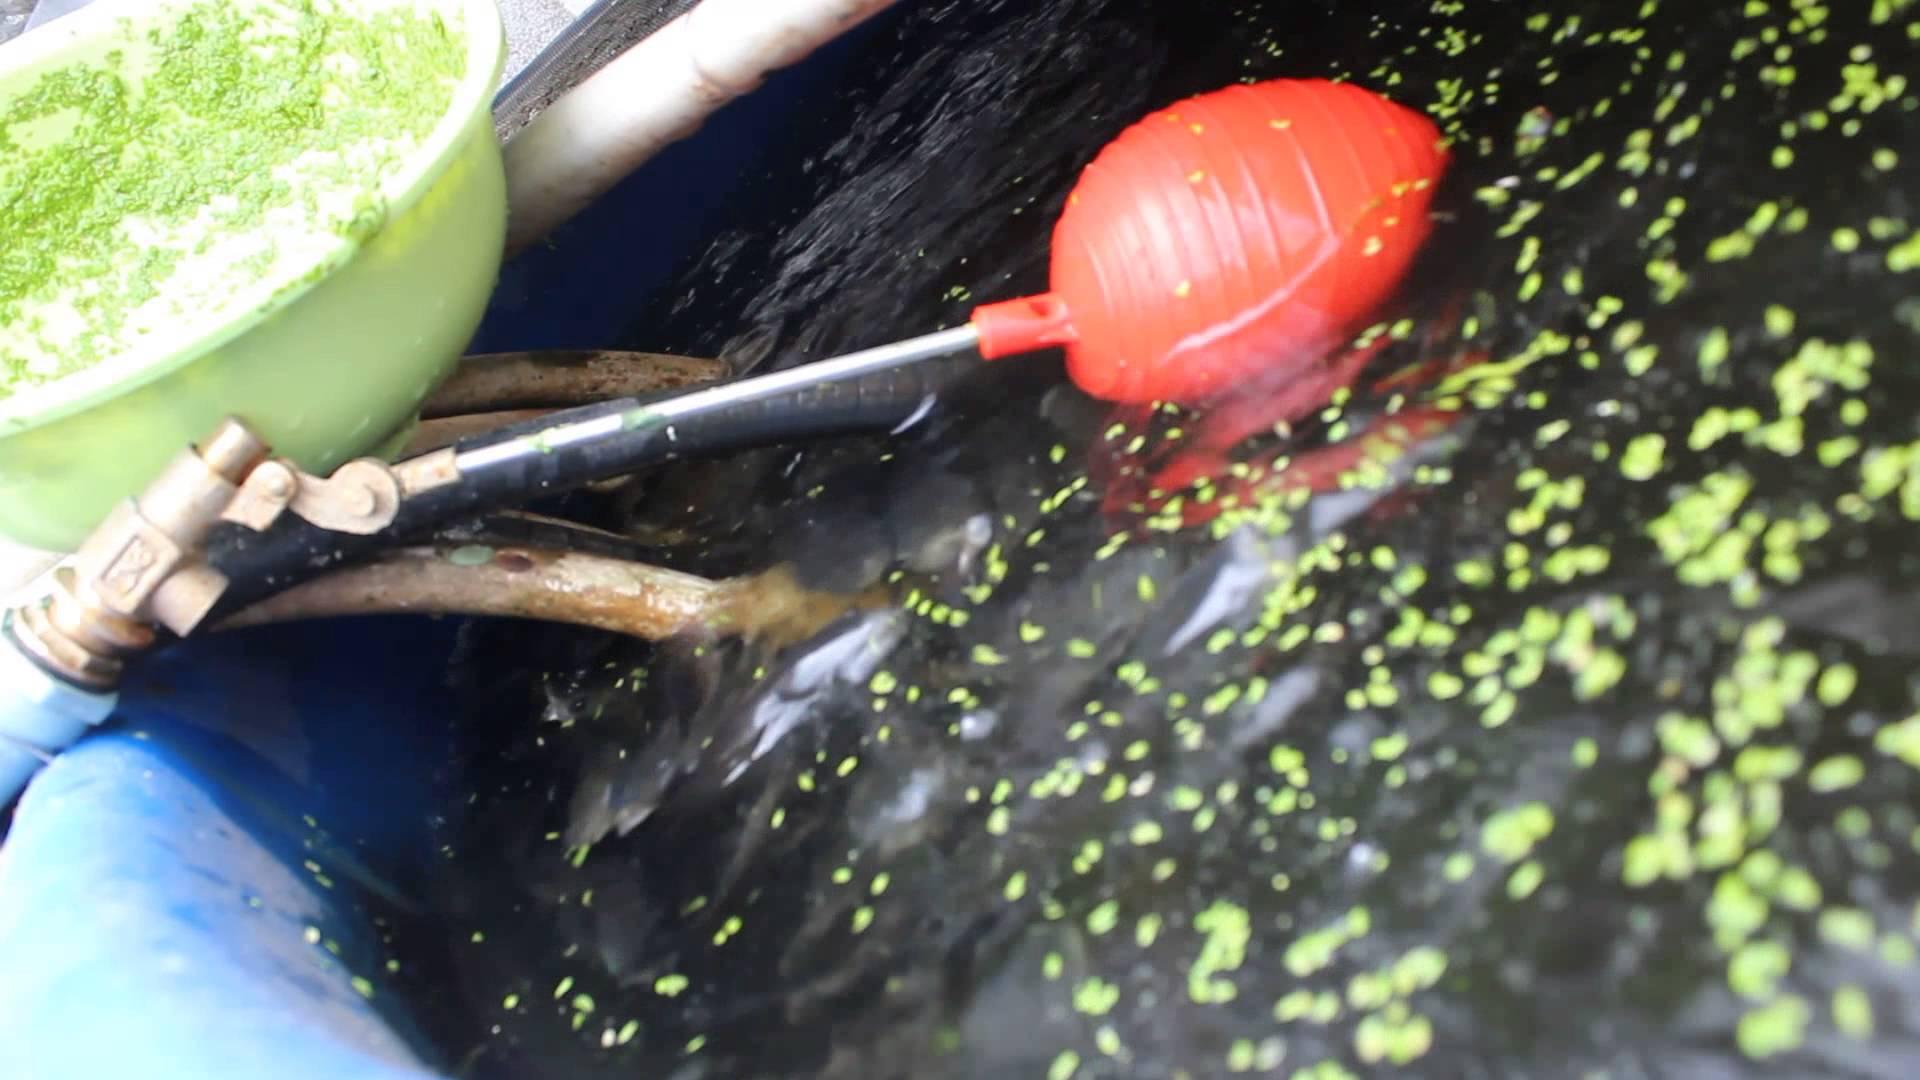 Chu kỳ kiểm tra hệ thống Aquaponics - Nhà Đẹp Số (1)